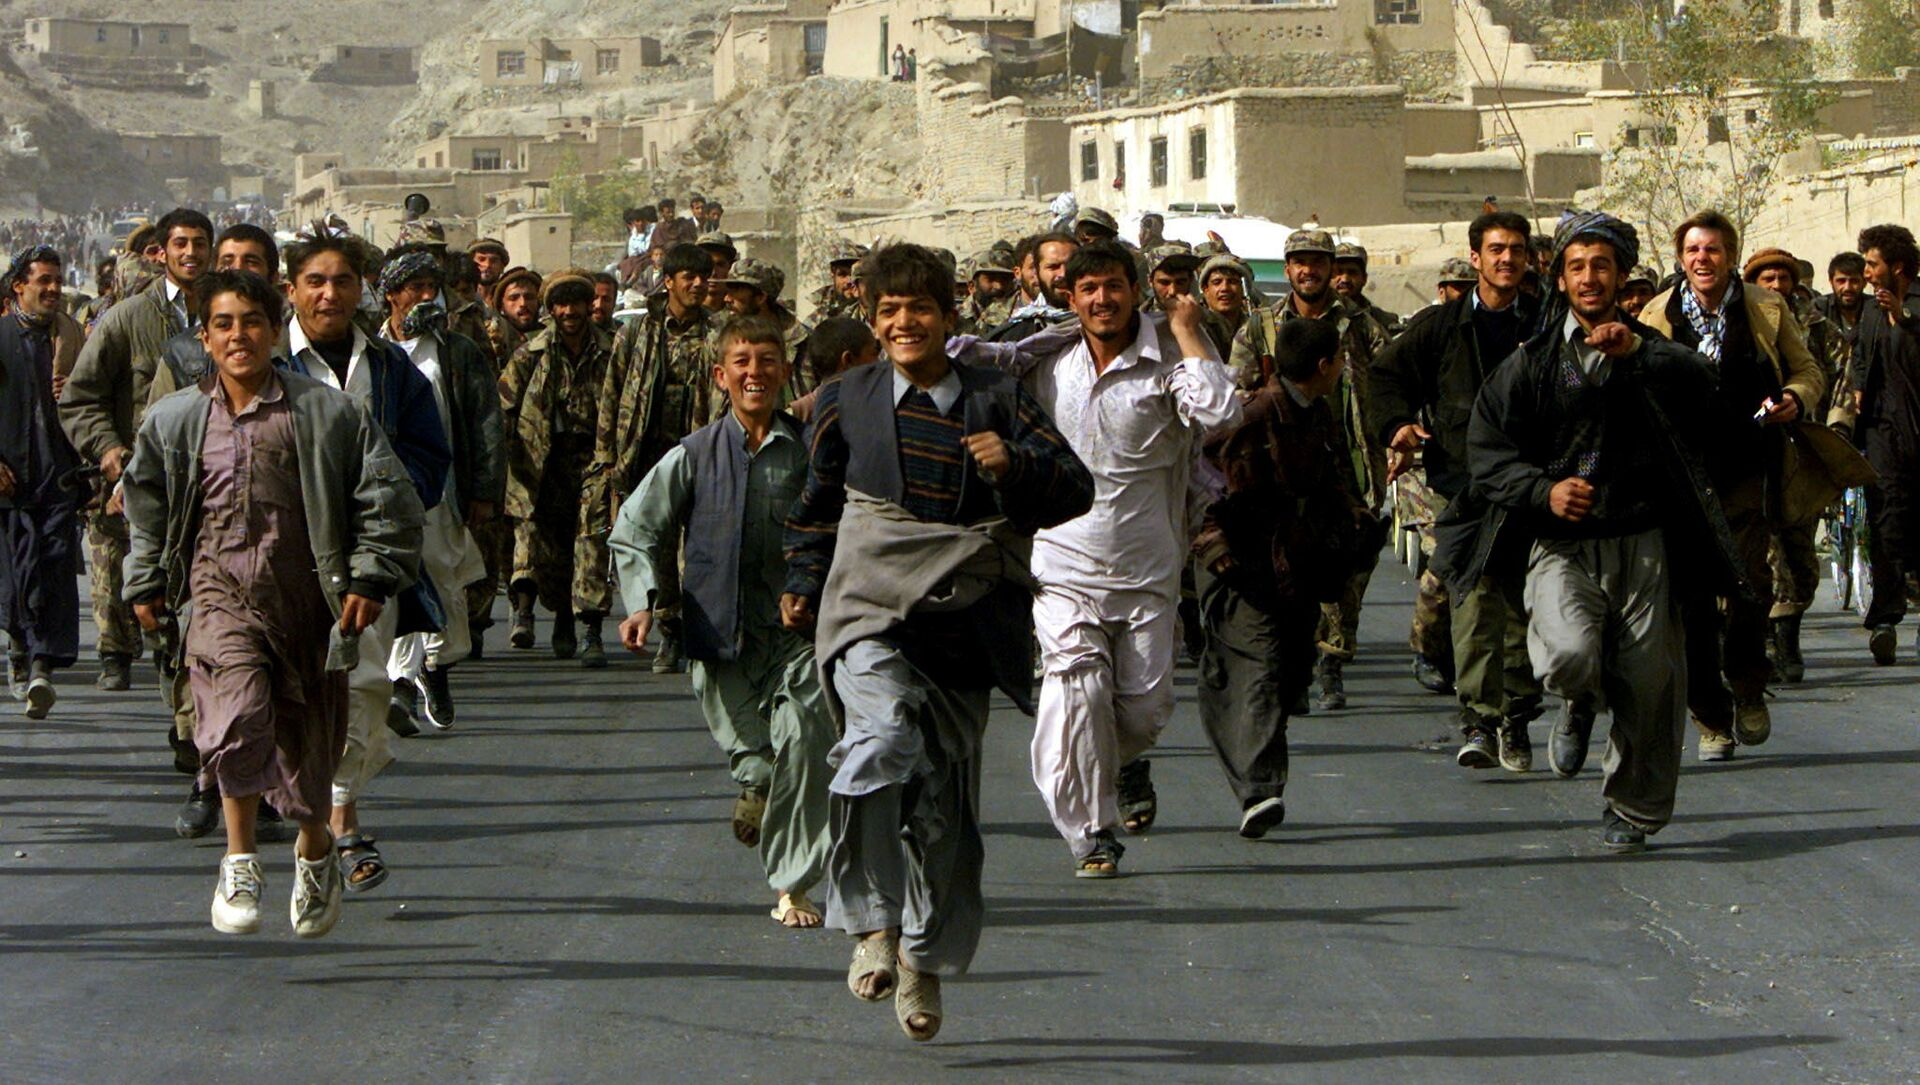 Жители Кабула сопровождают бойцов Северного Альянса, которые входят в Кабул, Афганистан, 13 ноября 2001 год. - Sputnik Азербайджан, 1920, 17.08.2021